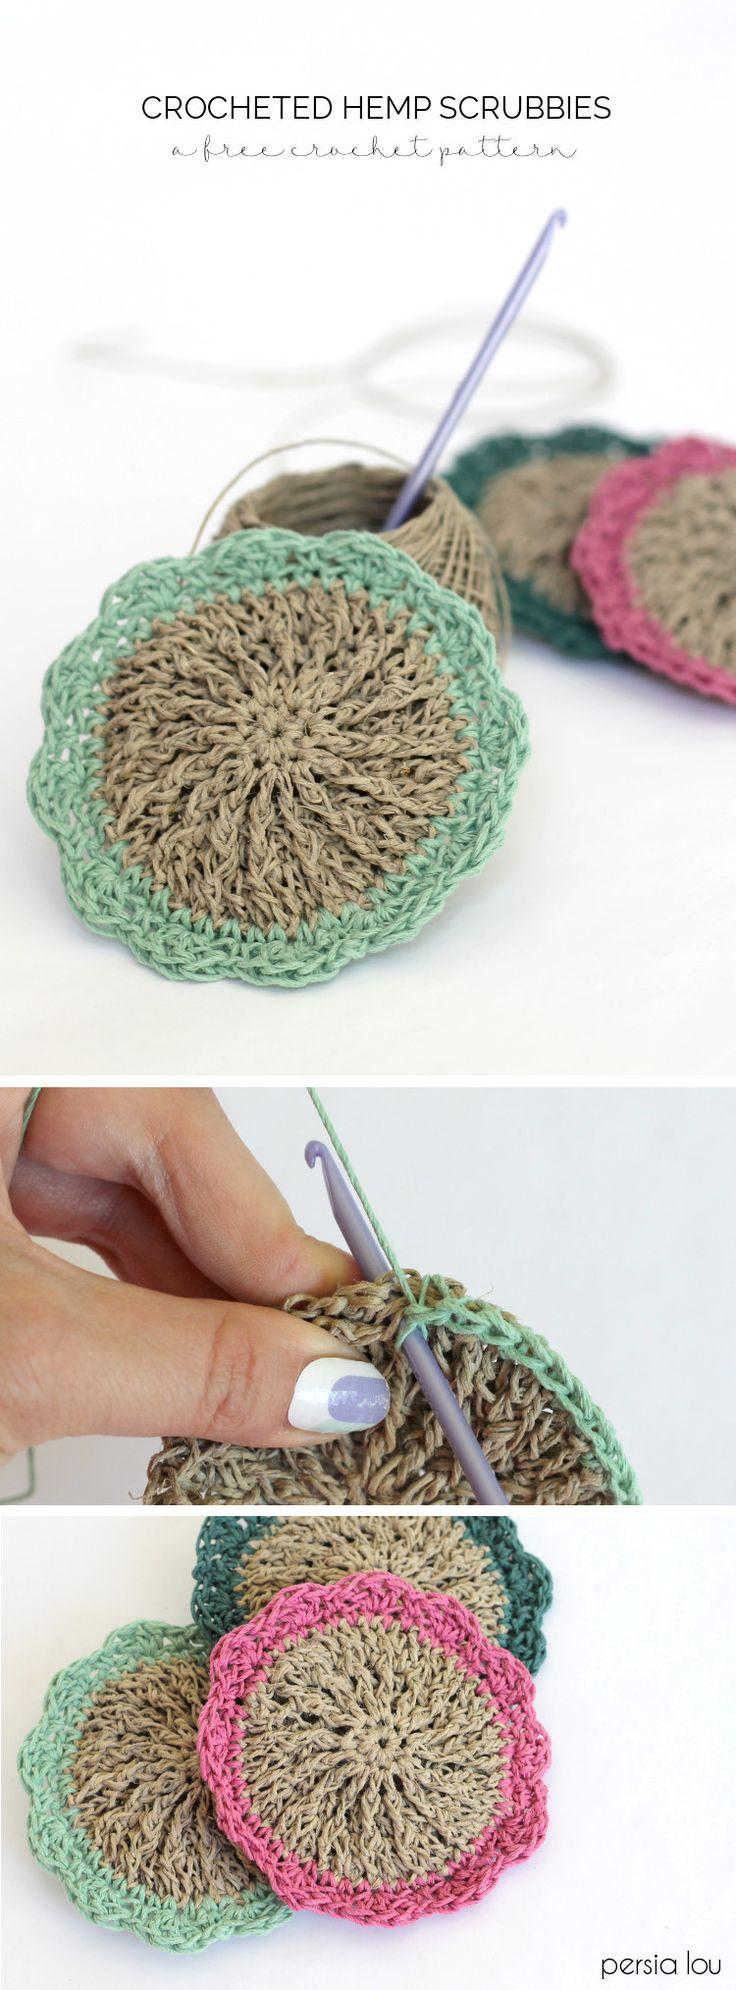 Crochet hemp scrubbies - free pattern.